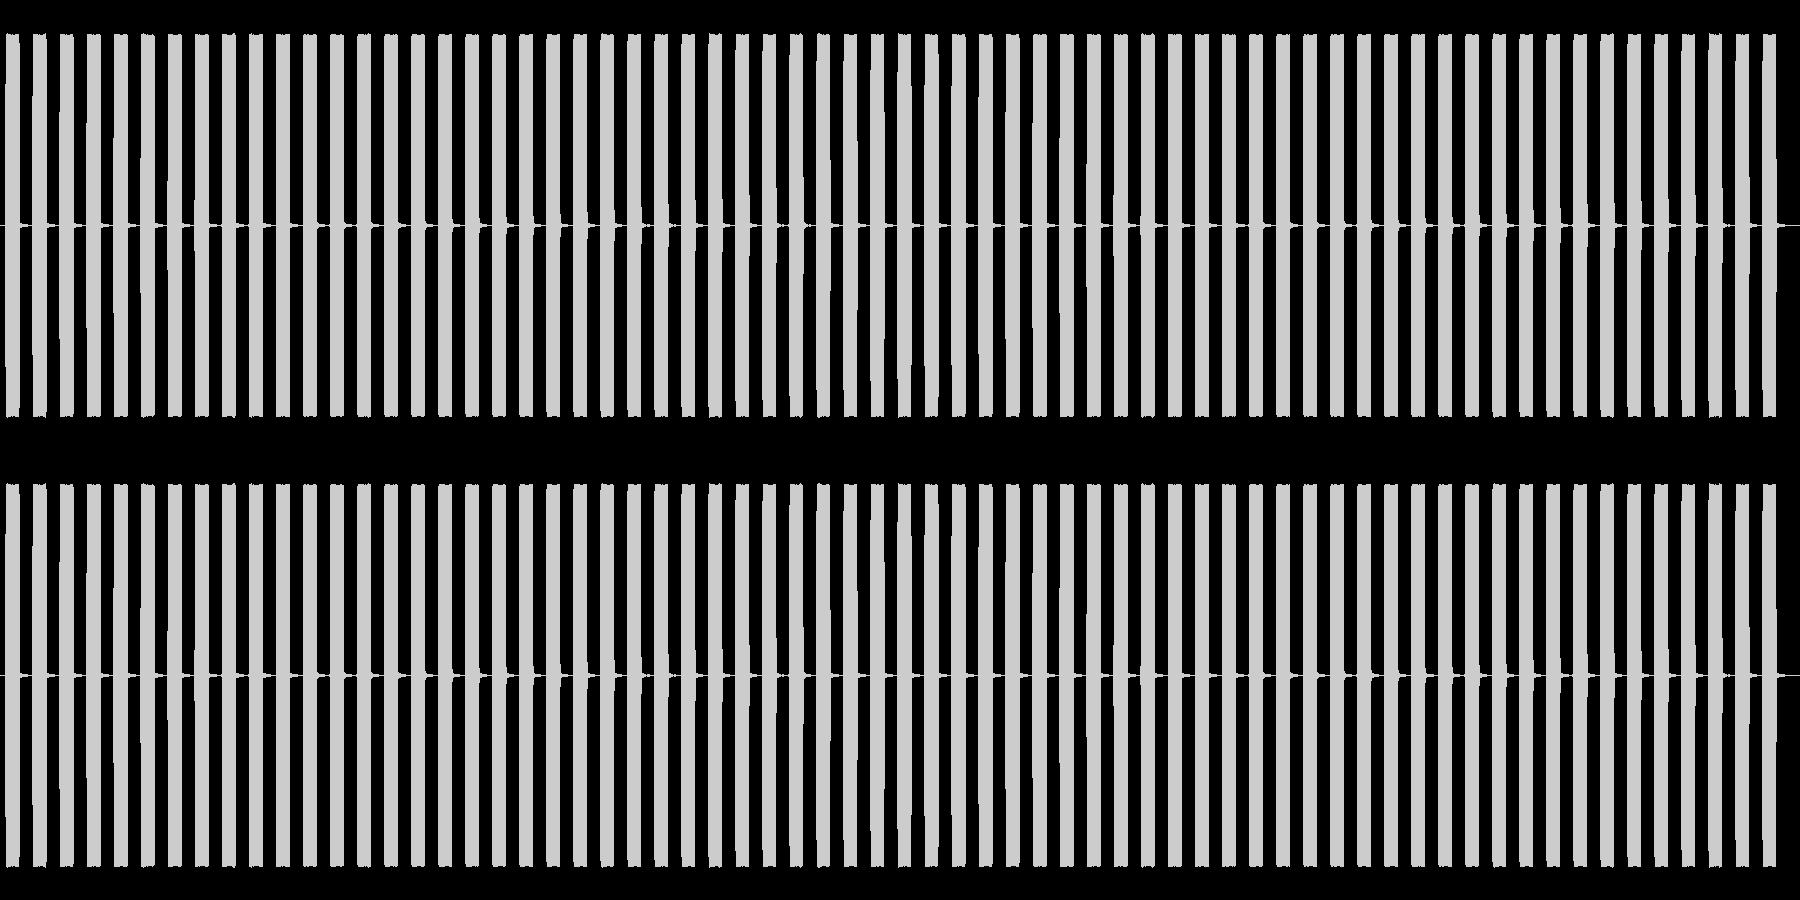 【効果音】目覚まし時計2_ループの未再生の波形